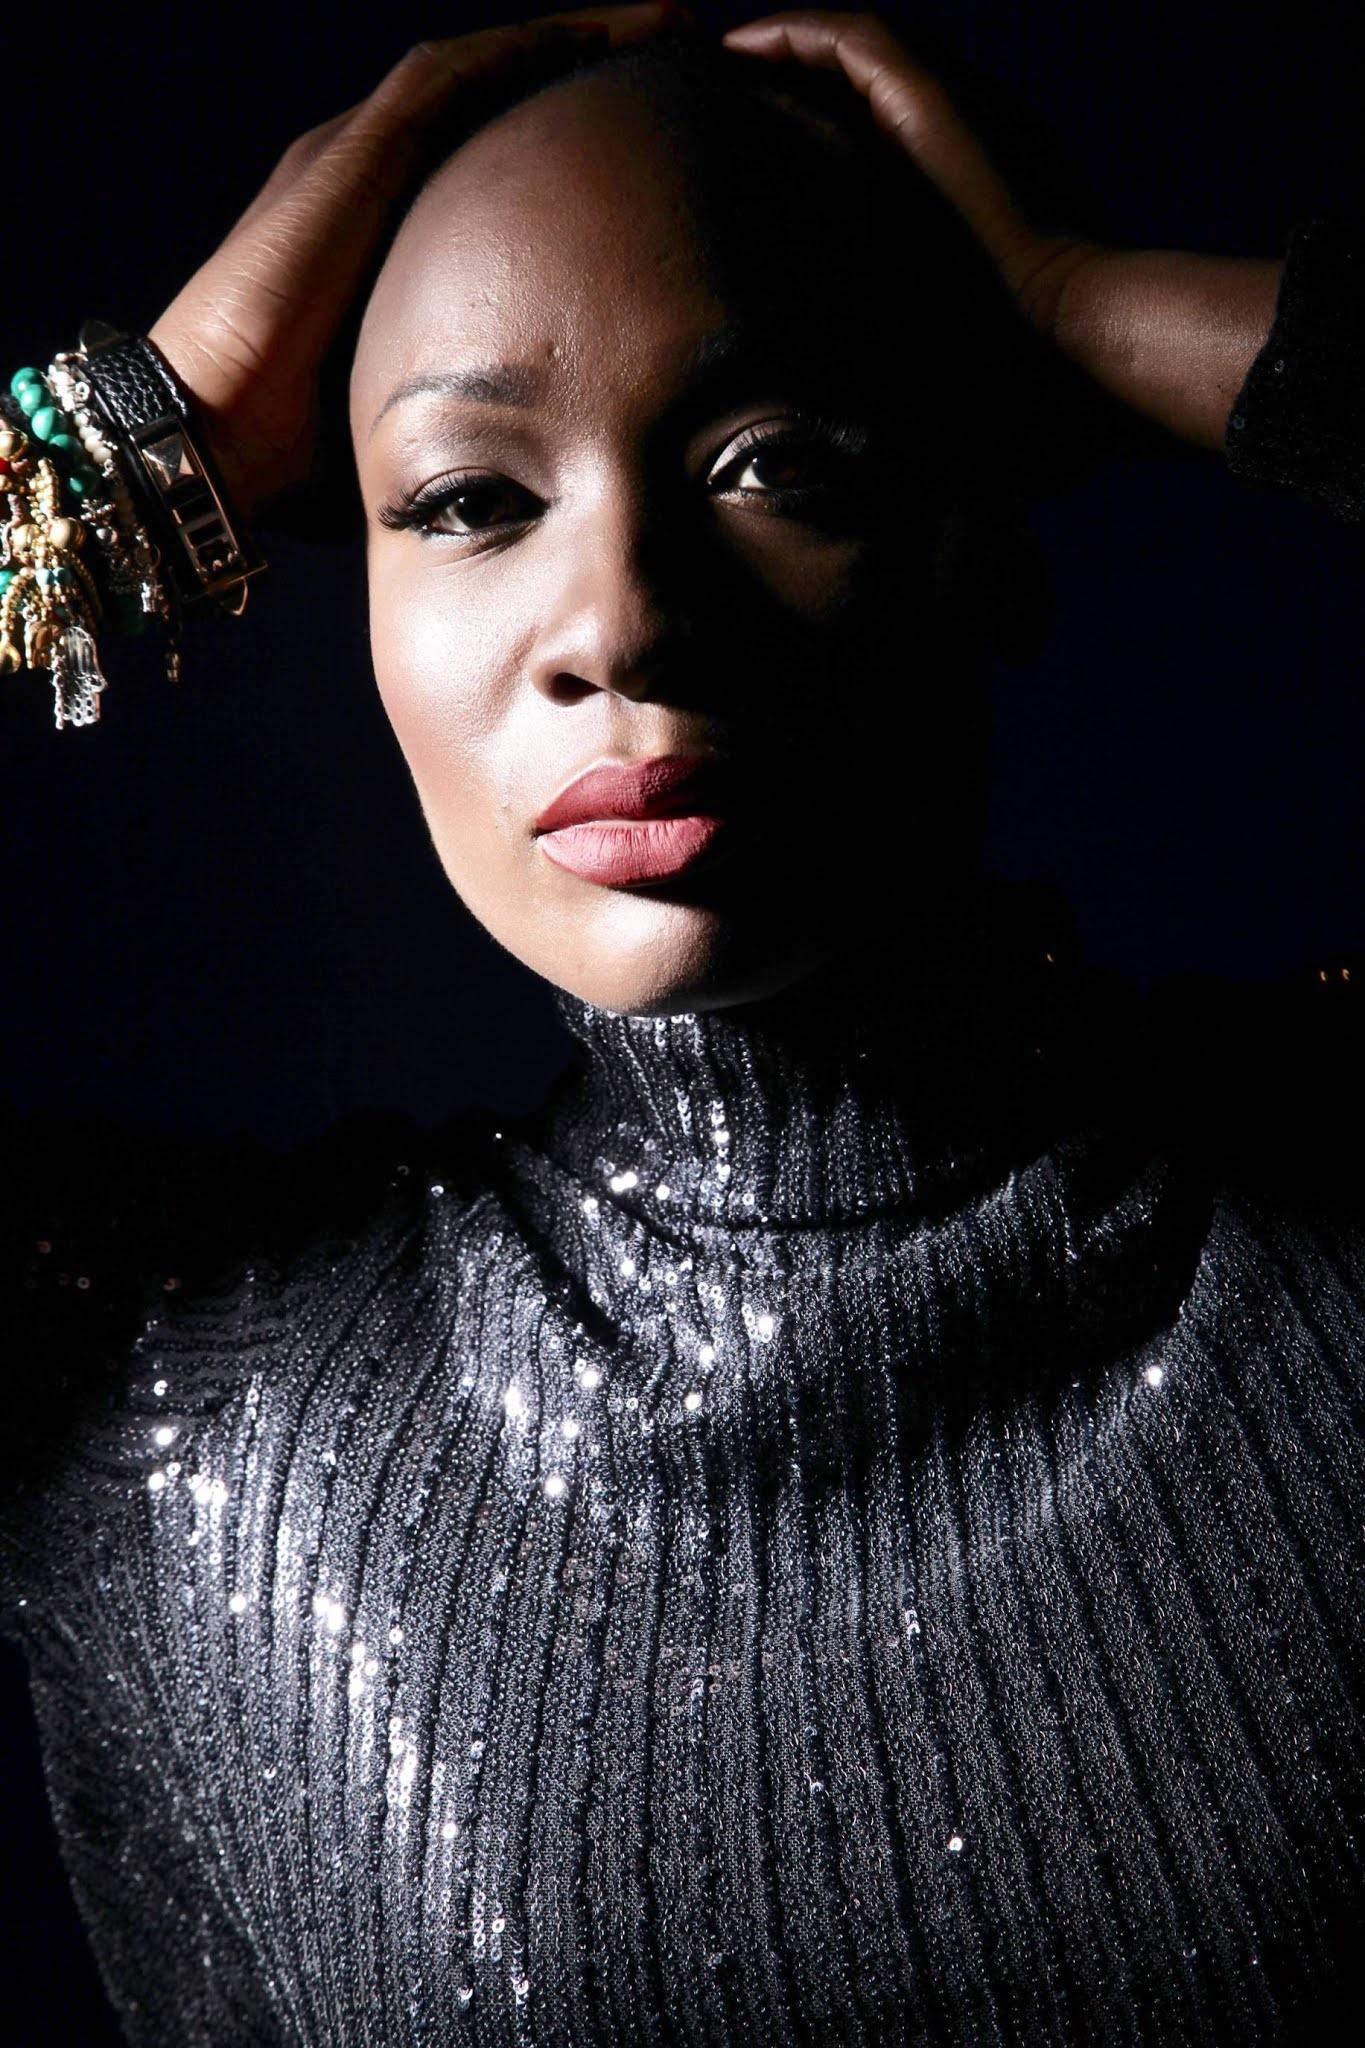 Bald Black Woman